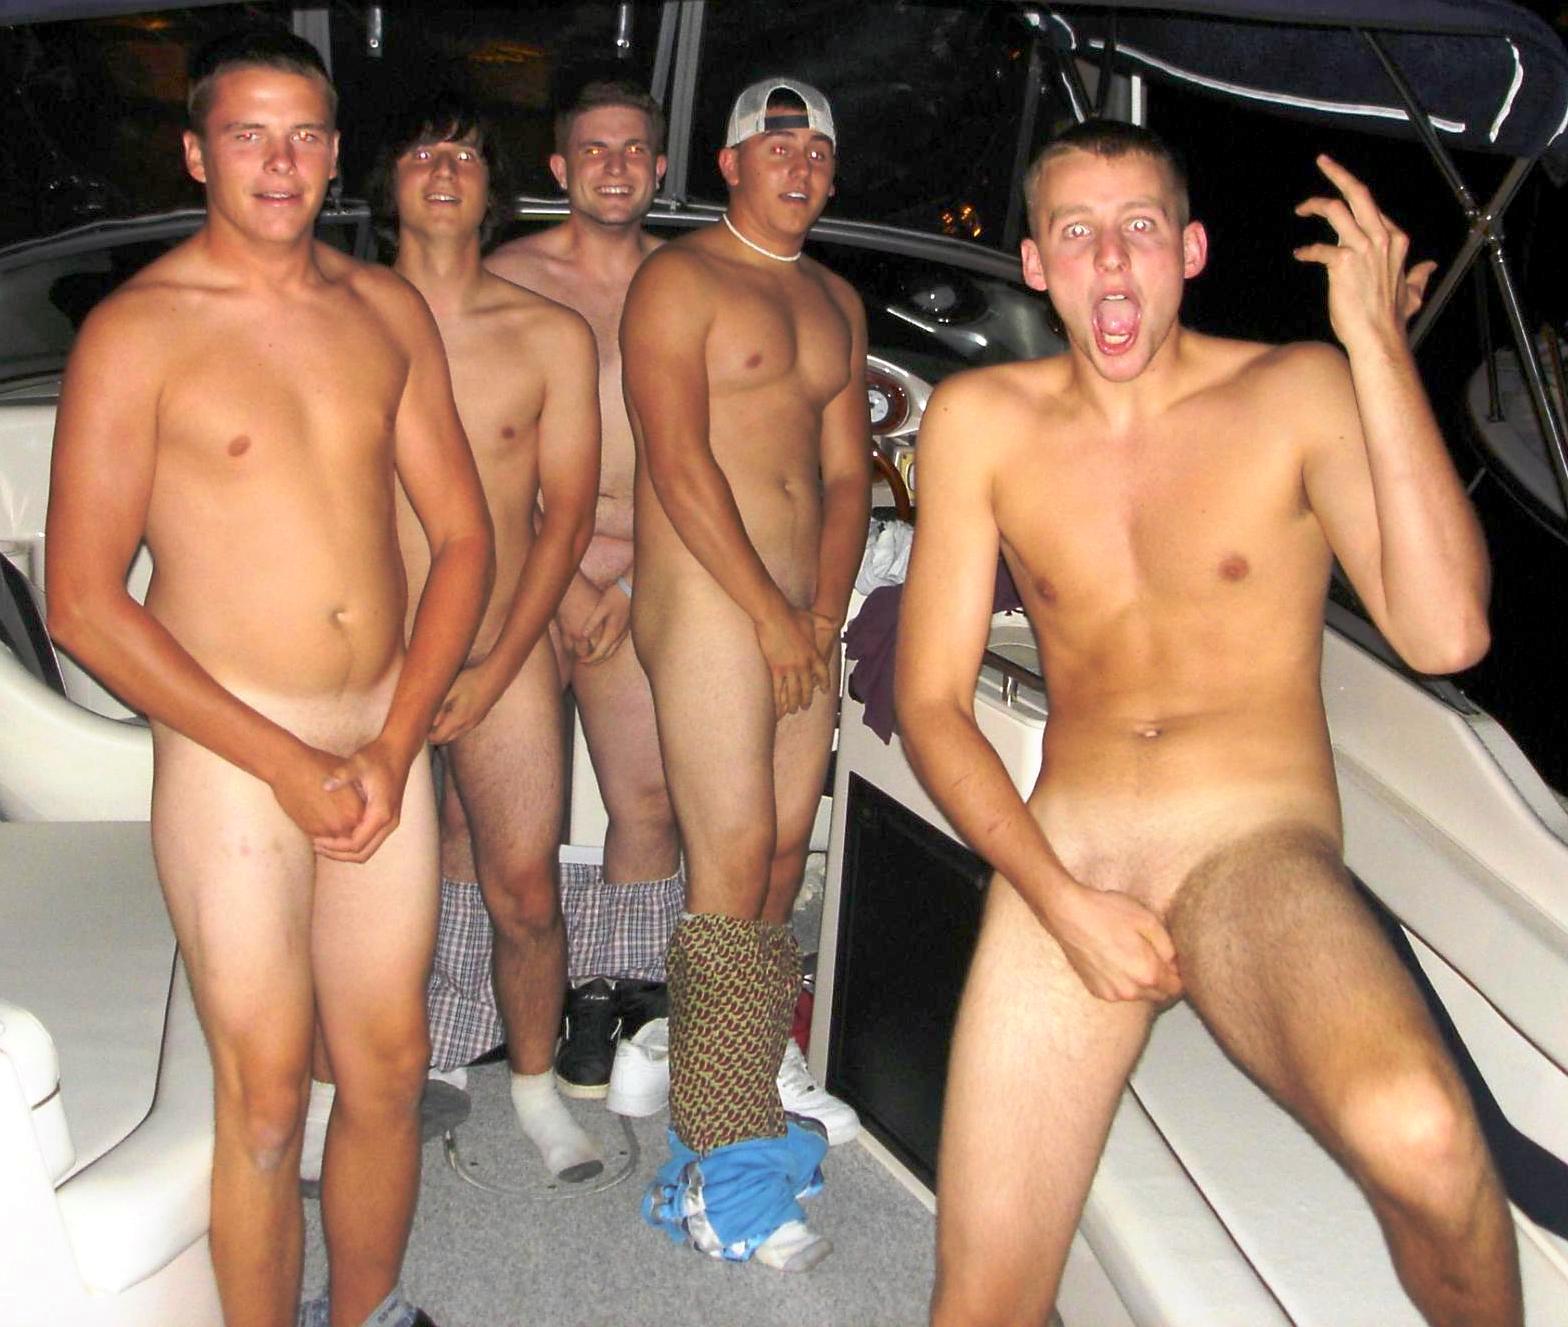 [naked+crew.jpg]